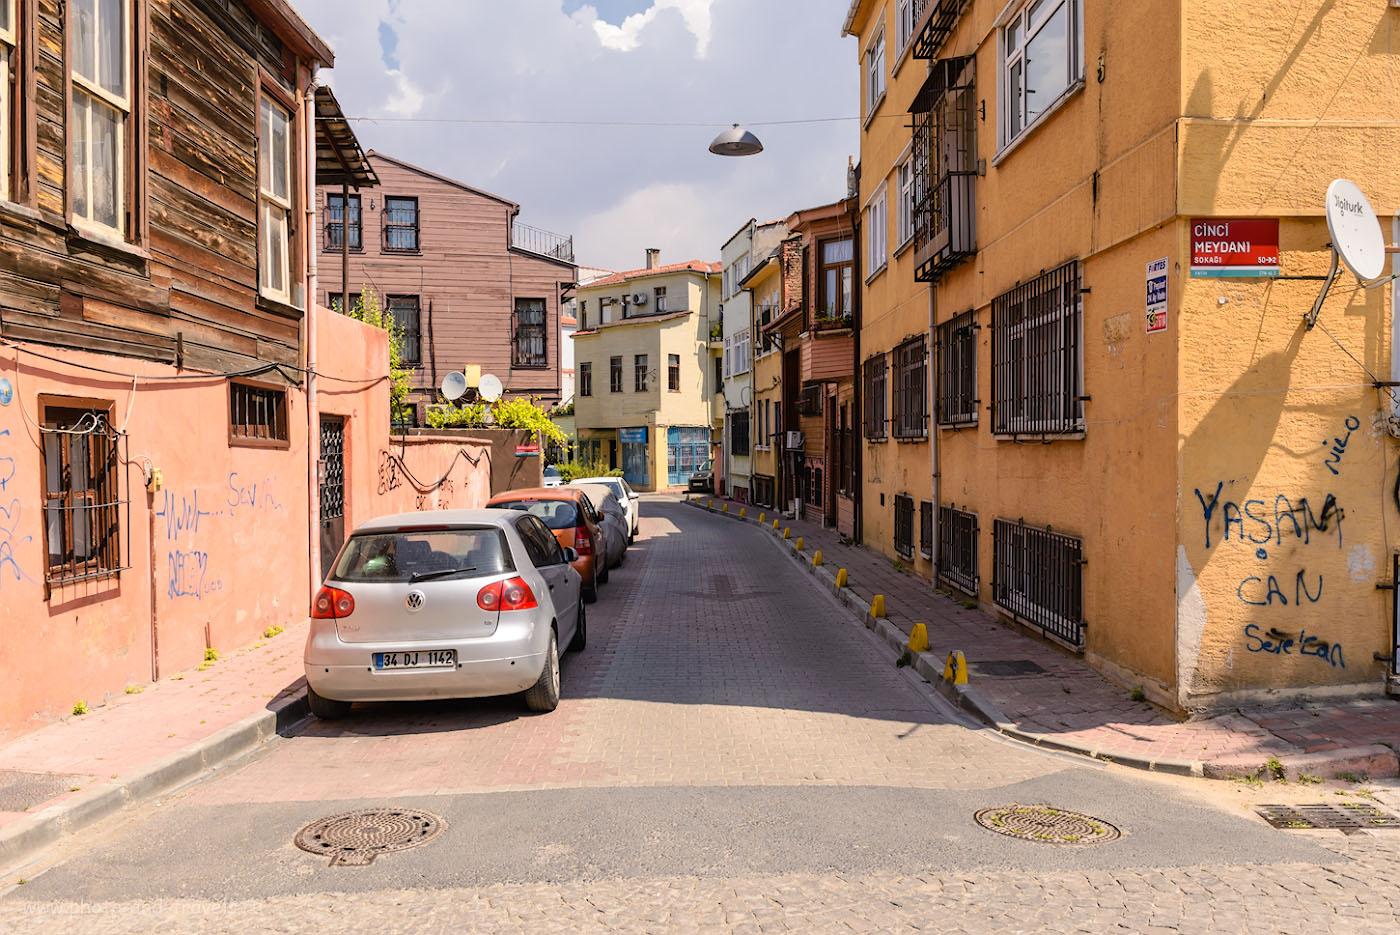 Фотография 8. Экскурсия по улочкам Стамбула. Туристы в Турции. 1/400, 8.0, 200, 28.